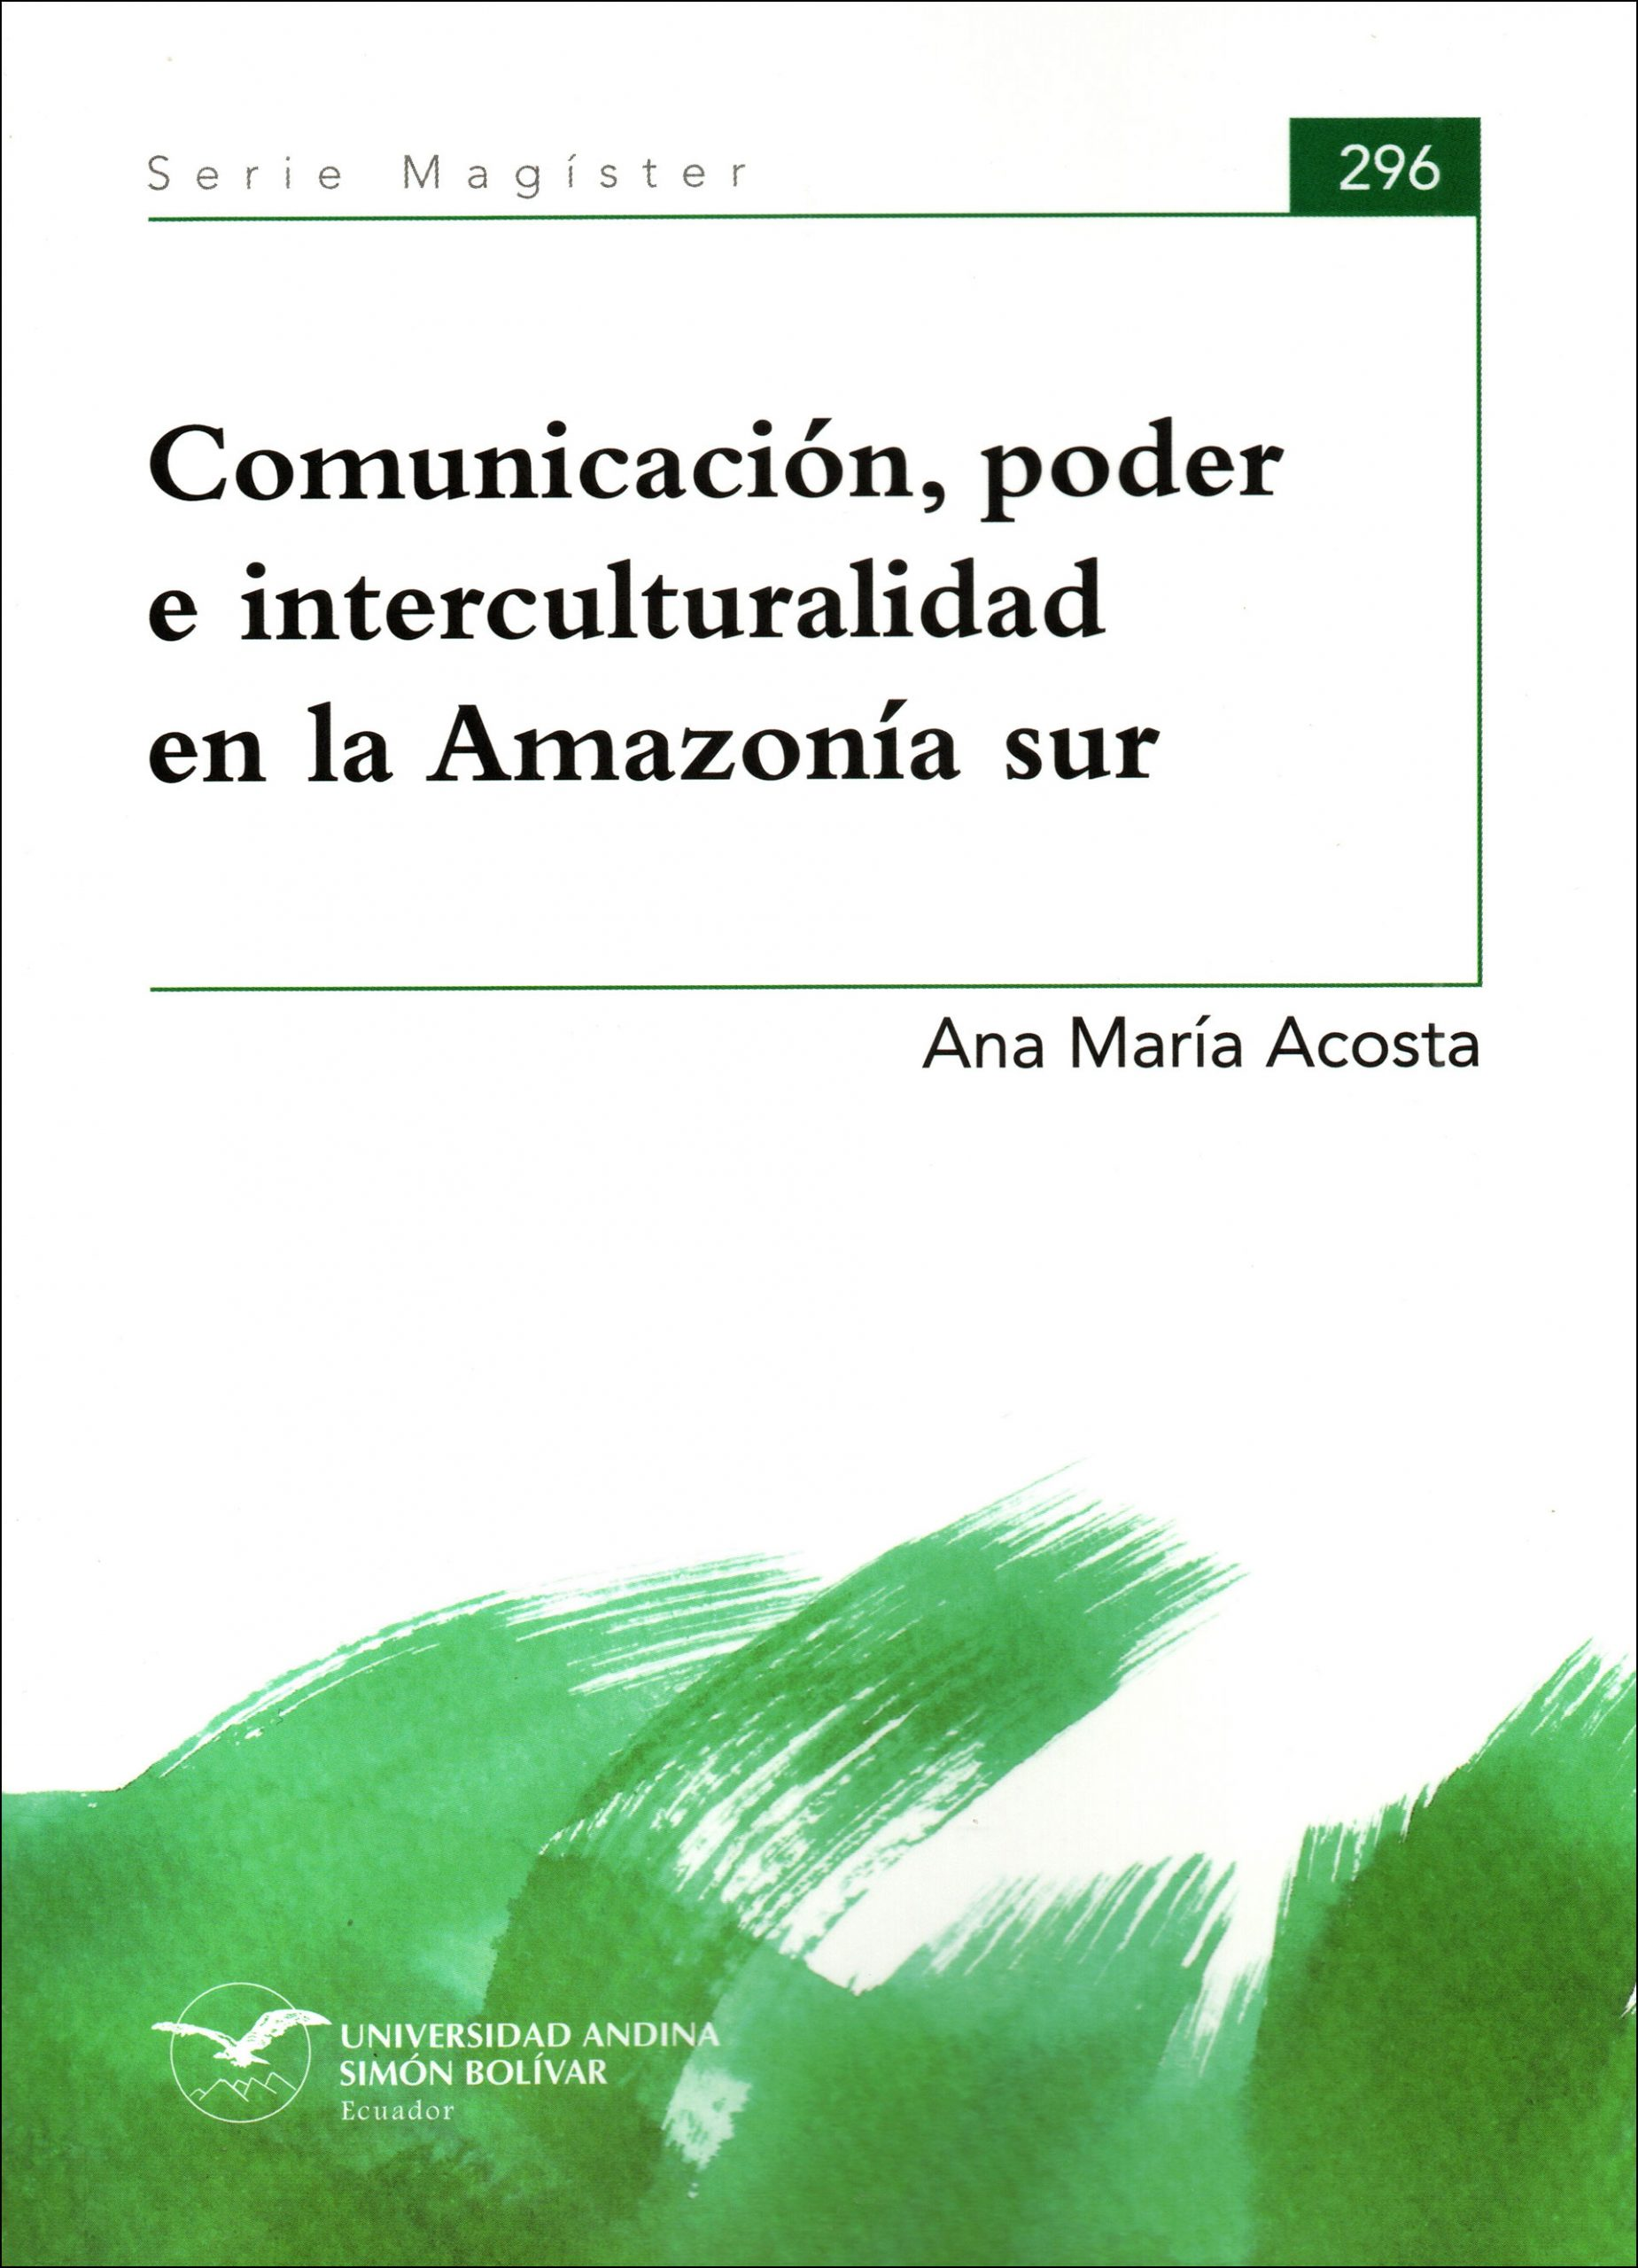 Comunicación, poder e interculturalidad en la Amazonía Sur